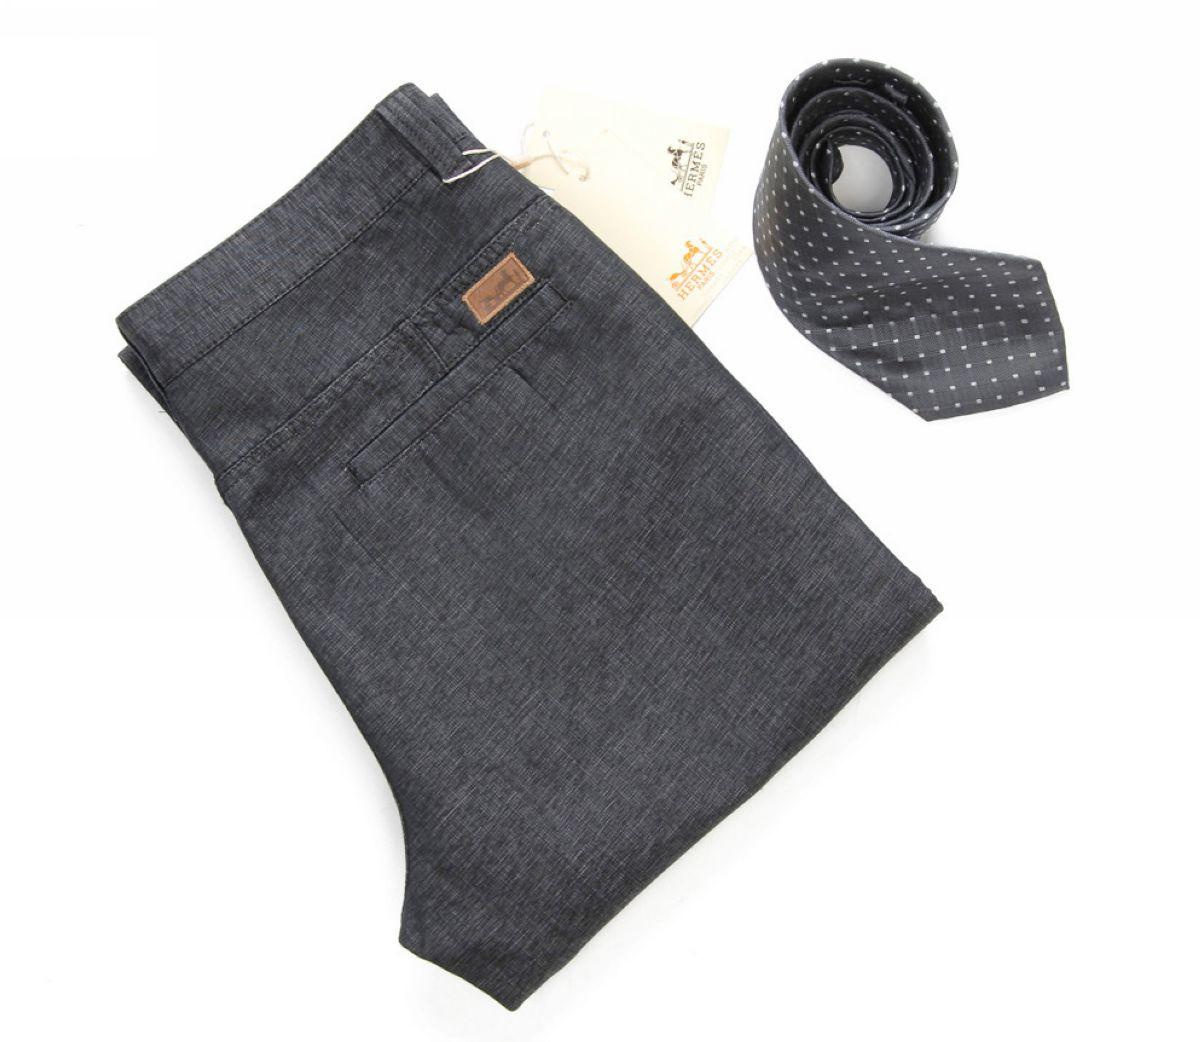 Повседневные брюки Herm 9873/11 Hermes Прямой Хлопок без добавок